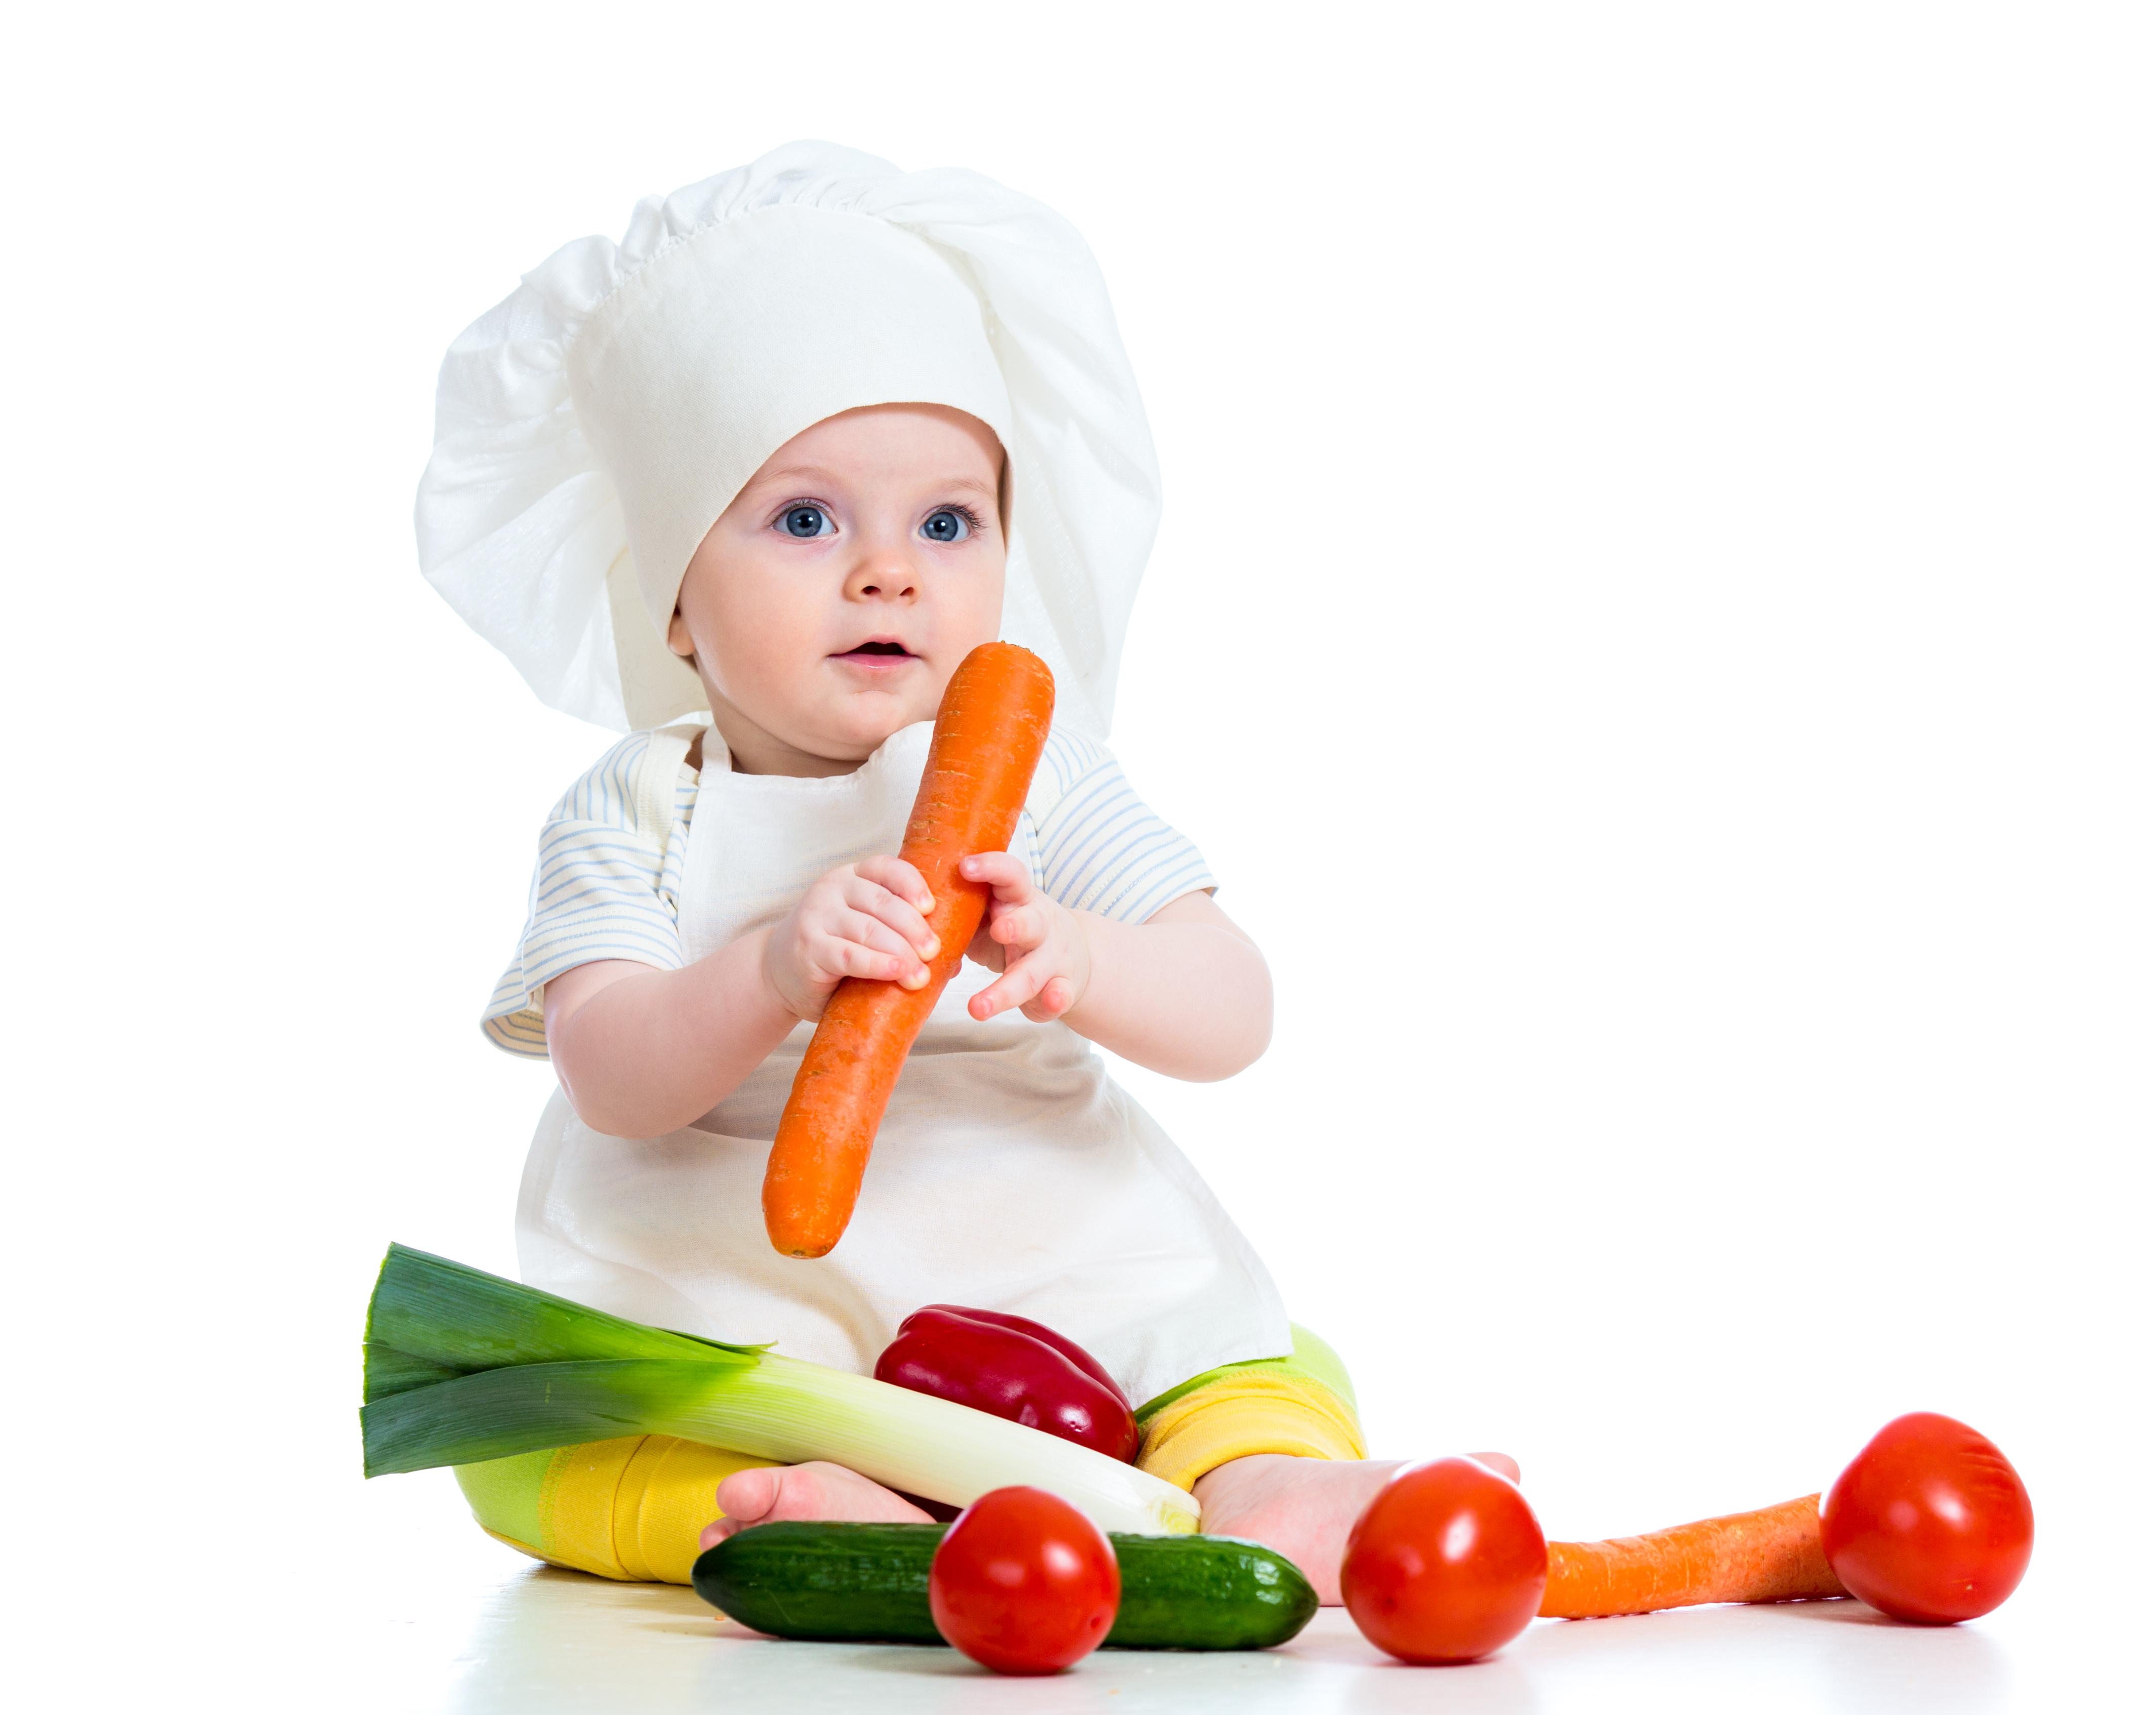 immuunsysteem baby versterken